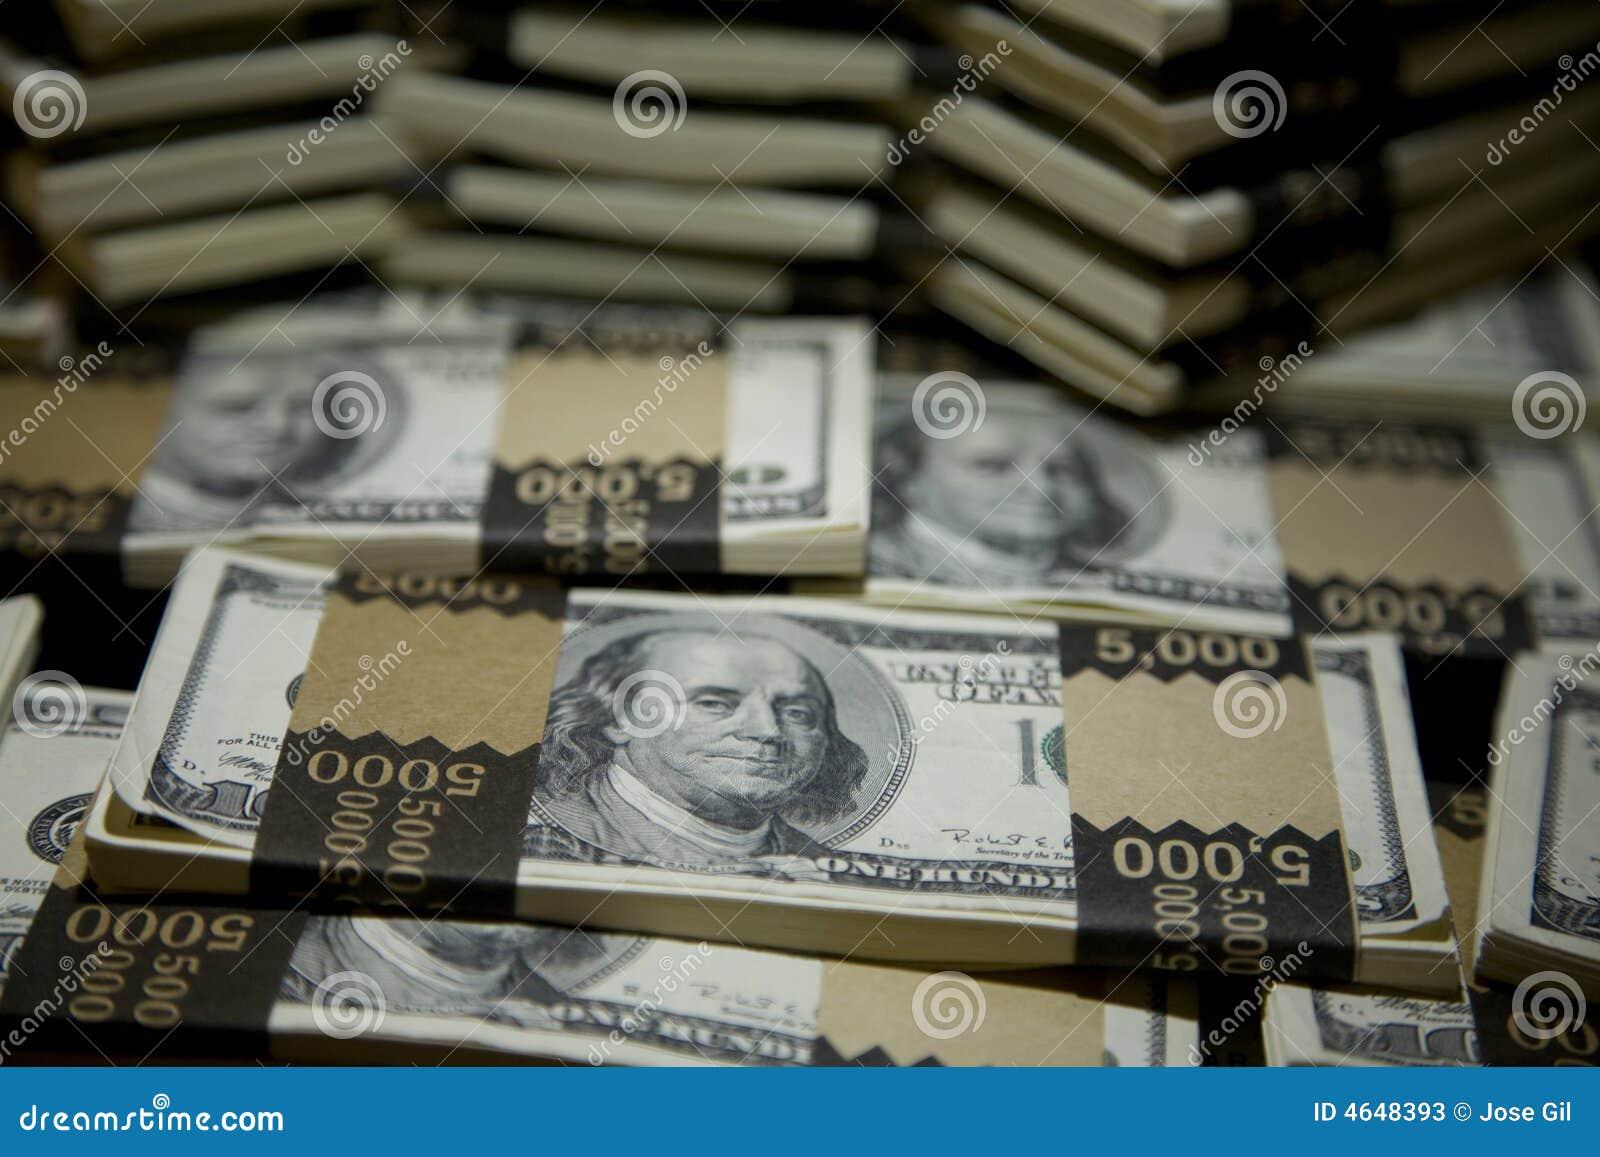 hundred dollar bill bundles 1 stock photos image 4648393 Bill of Rights Cartoons english bill of rights clipart